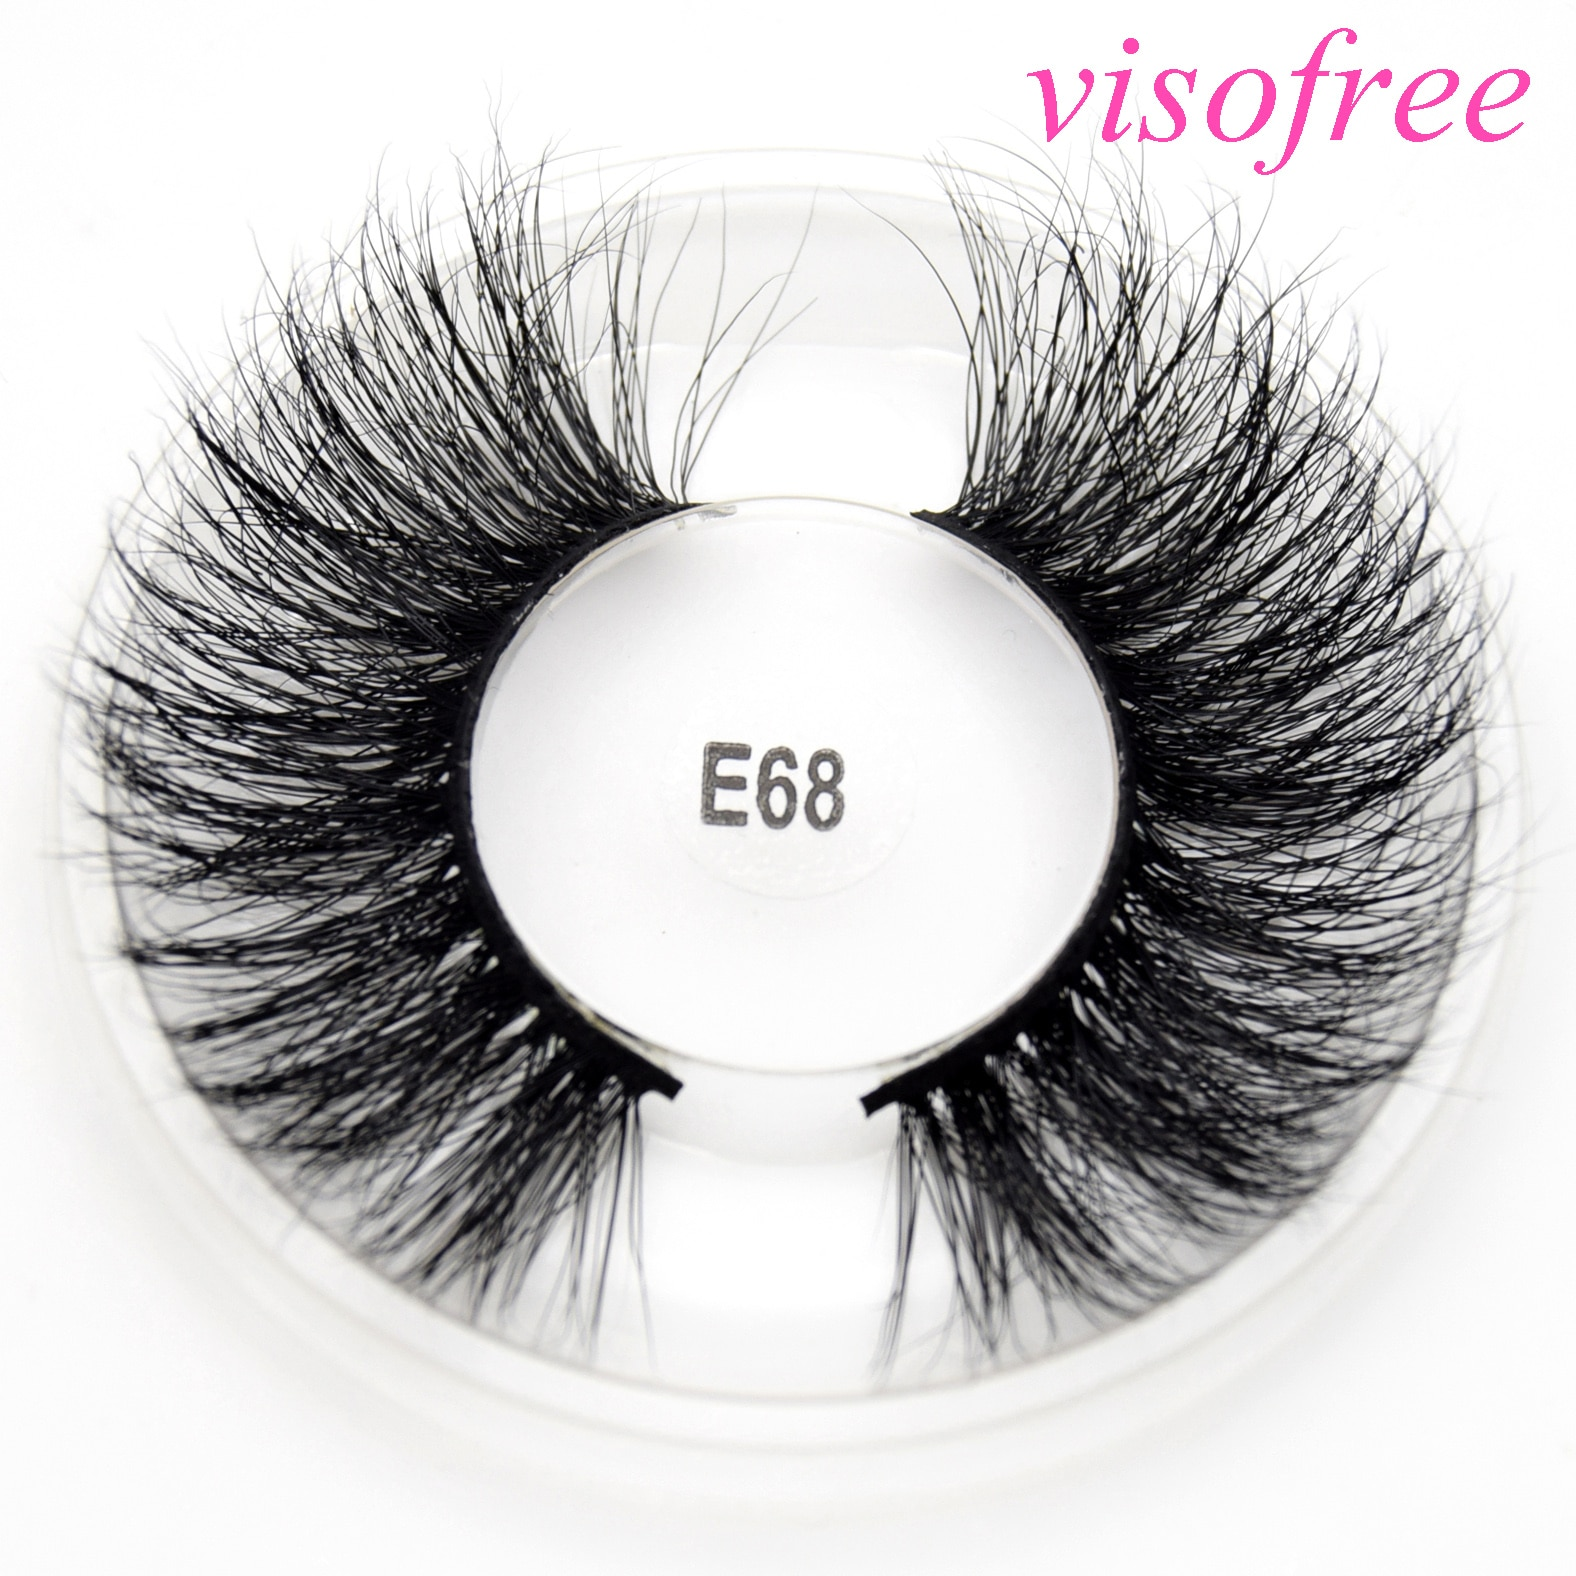 Pestañas postizas visofree, 25mm, dramáticas, largas, pelo de visón, pestañas postizas 5D, pestañas gruesas entrecruzadas, pestañas onduladas, extensión de maquillaje E68